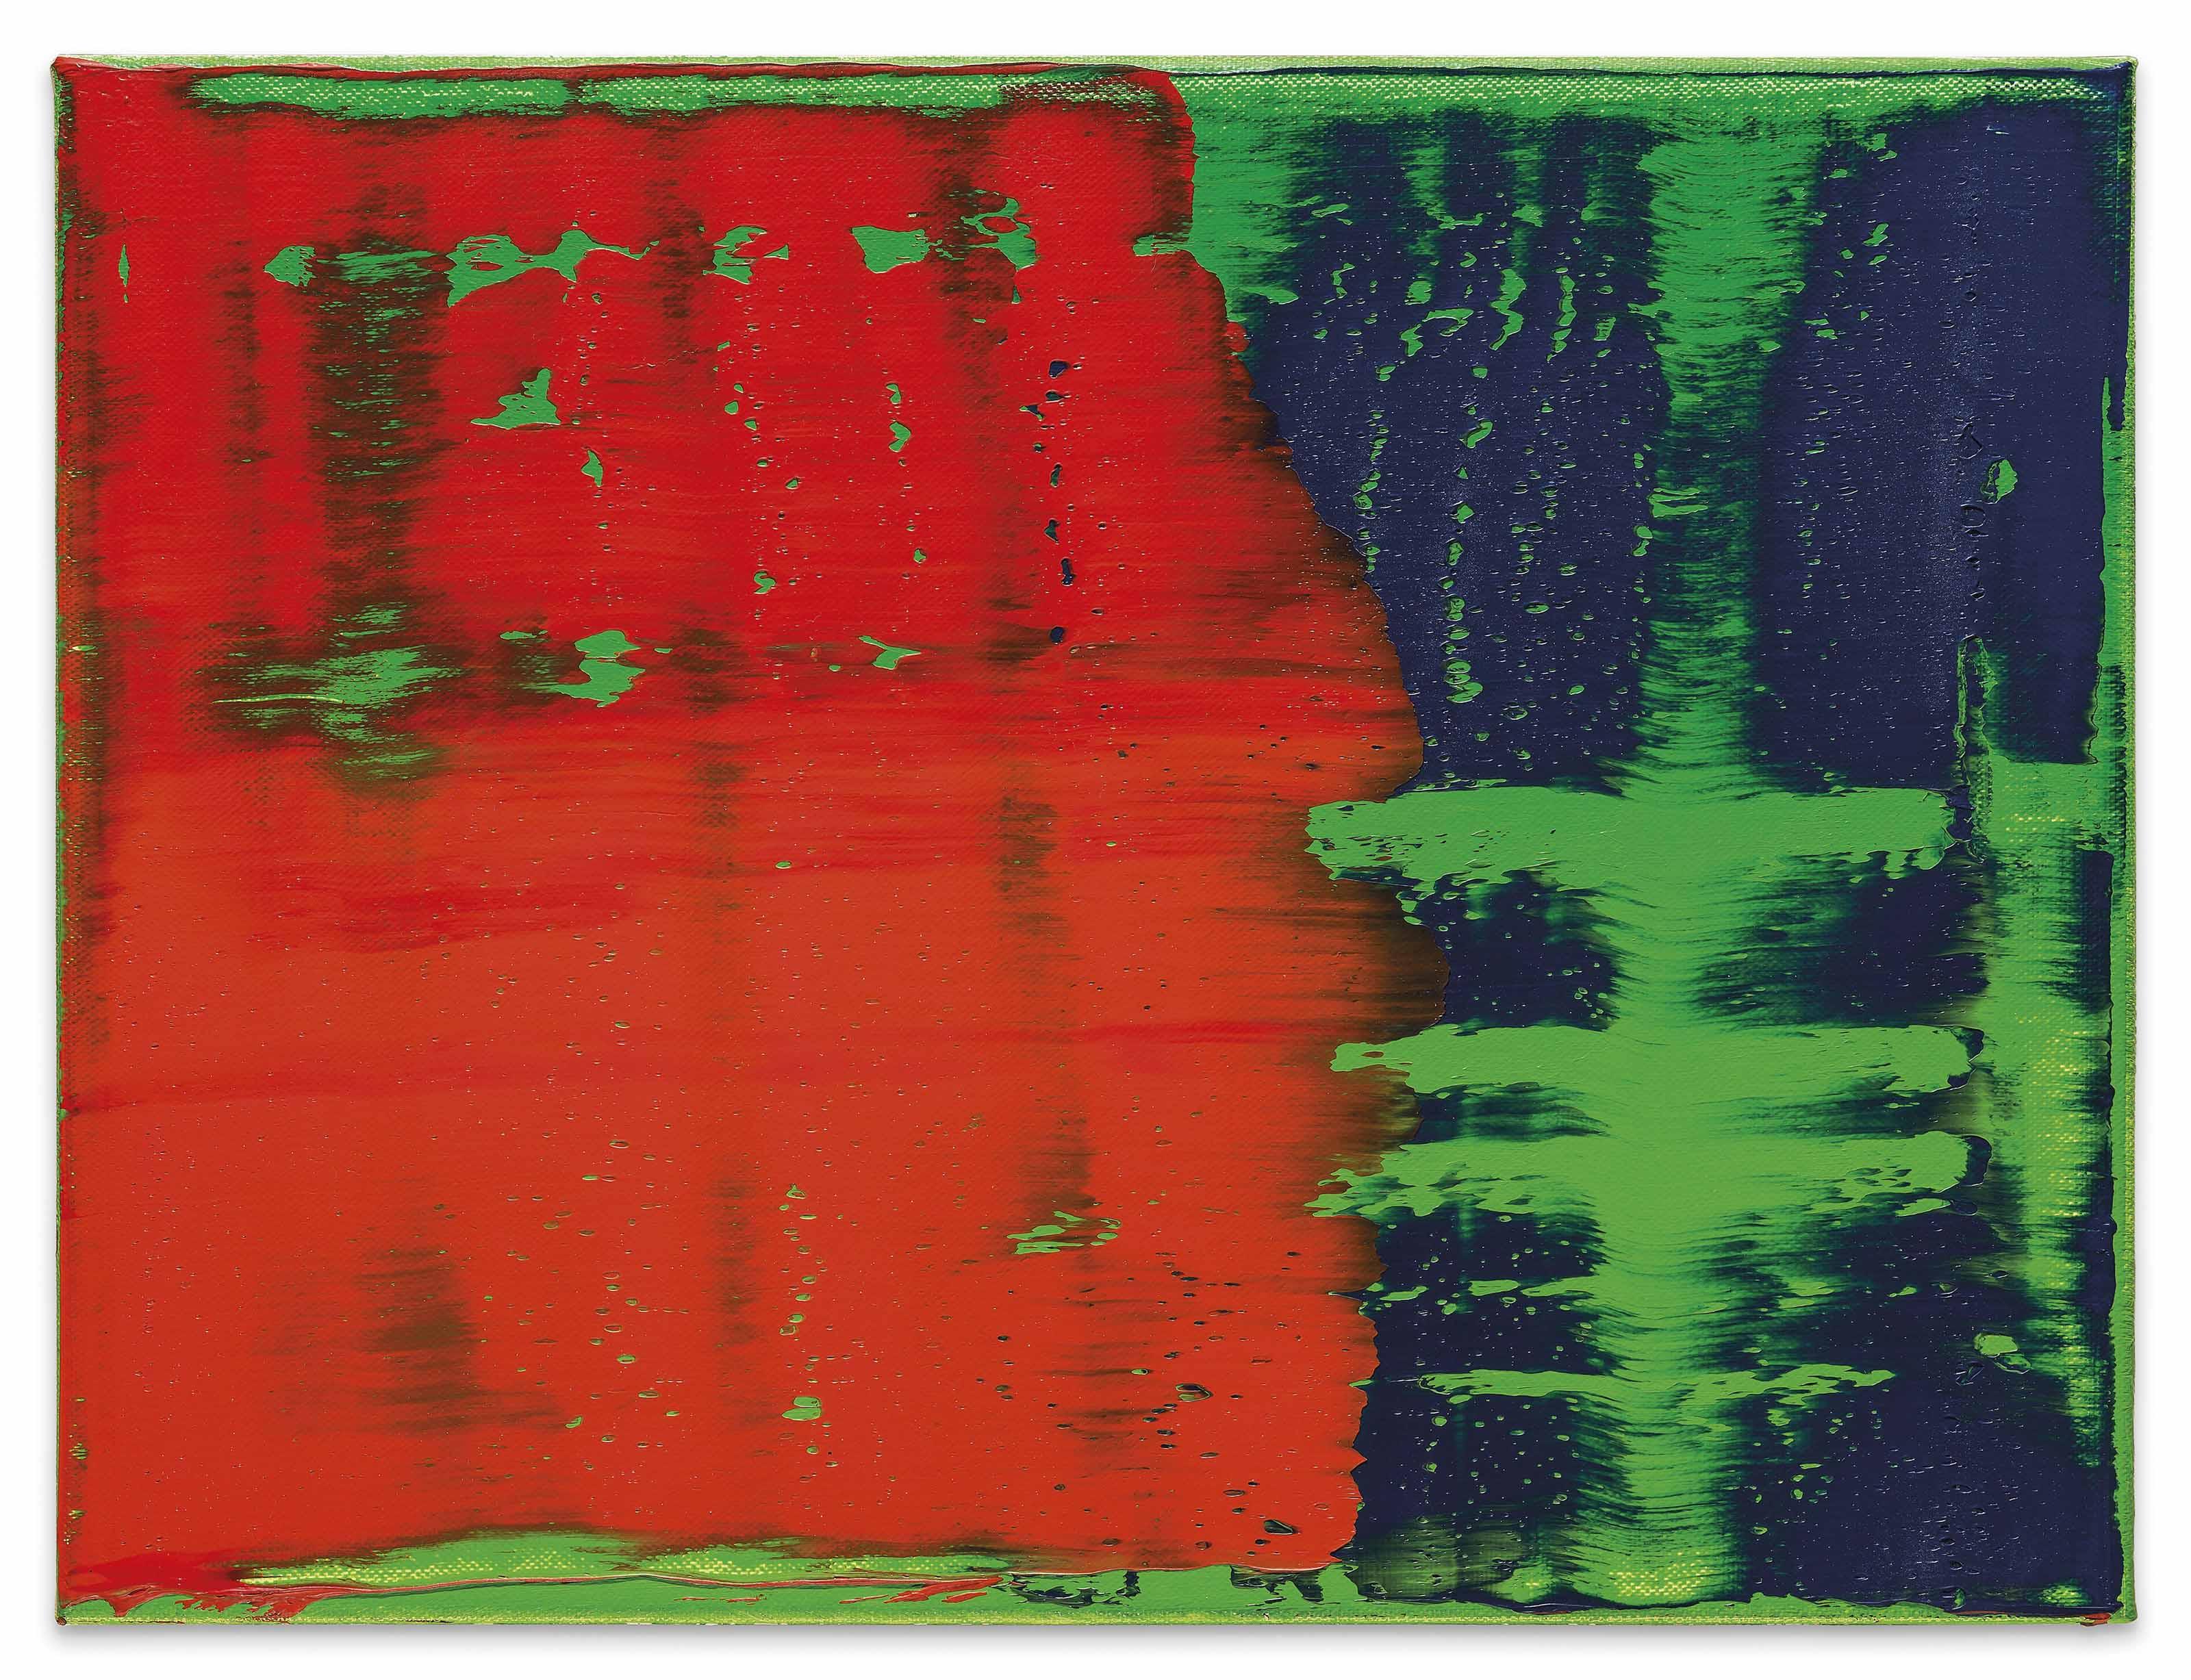 Parkett Richter gerhard richter b 1932 grün blau rot für parkett 35 green